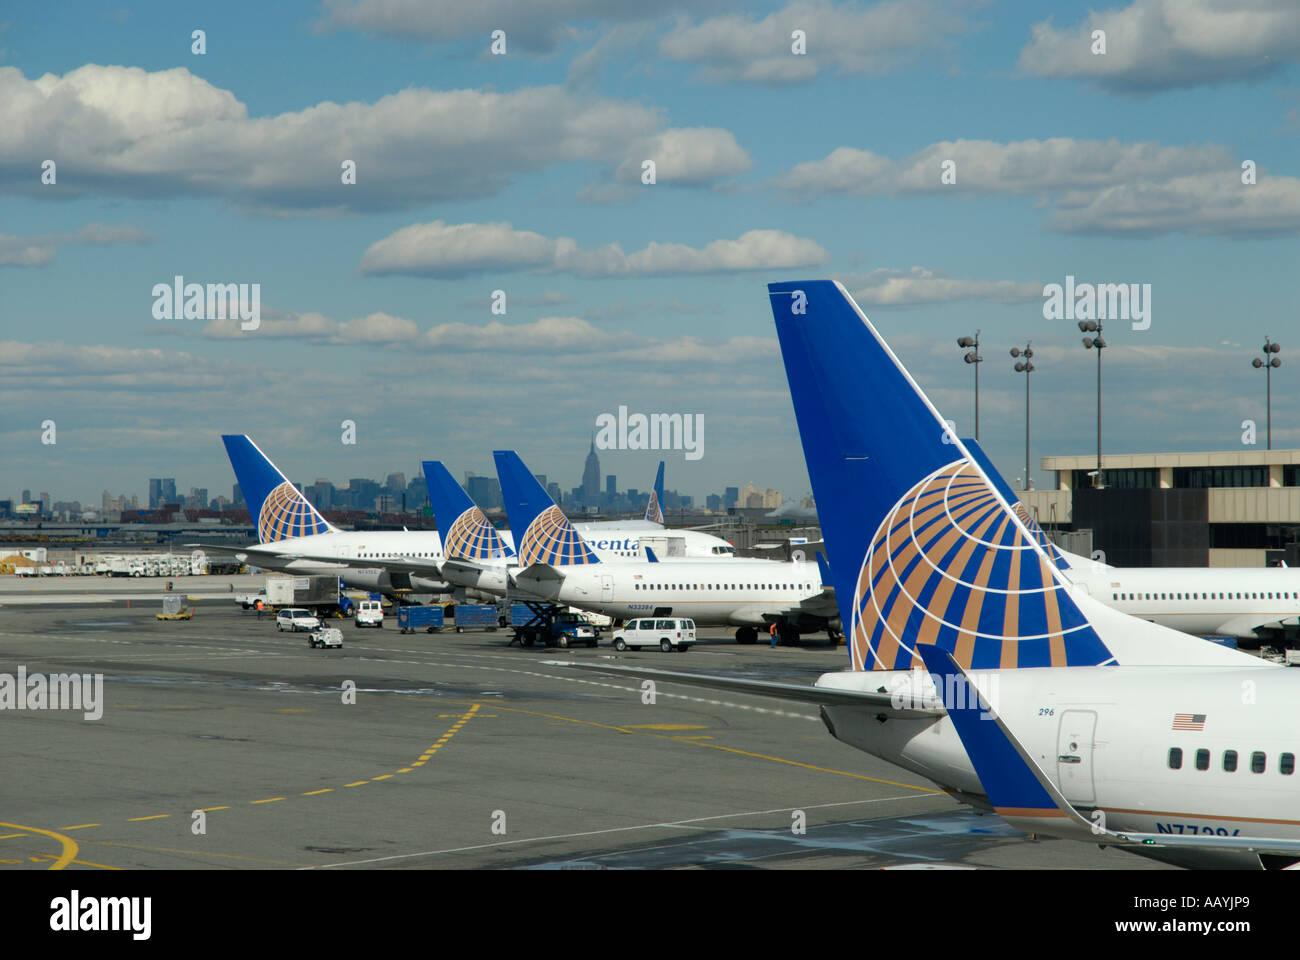 Newark Liberty International Airport, 'New Jersey',USA - Stock Image